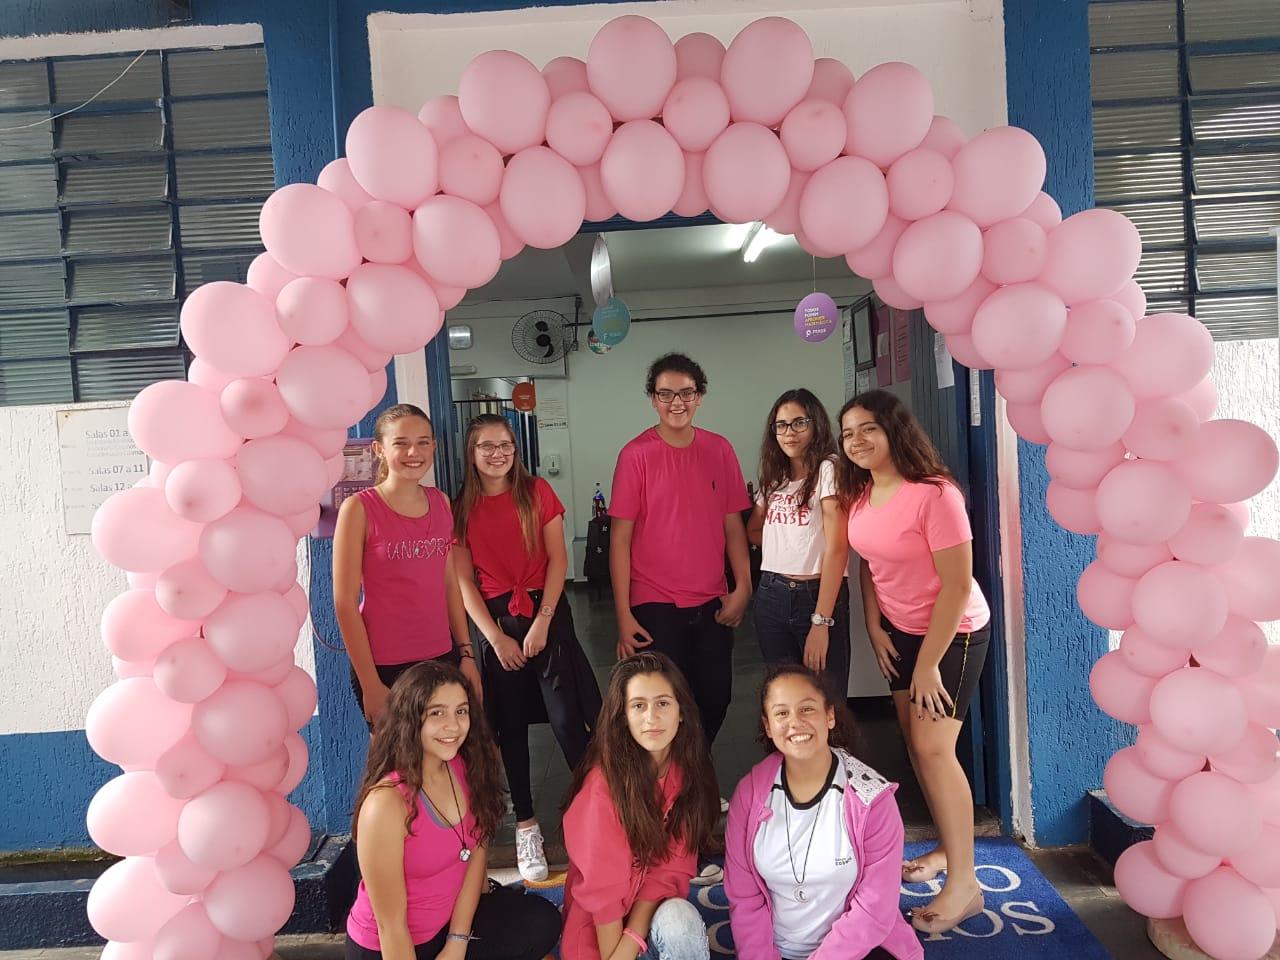 Com o objetivo de promover a conscientização e mobilização da comunidade escolar sobre a importância de cuidar da saúde e bem estar, focando na prevenção do câncer de mama, realizamos hoje (31/10/18) o DIA ROSA, um evento com atividades como café da manhã